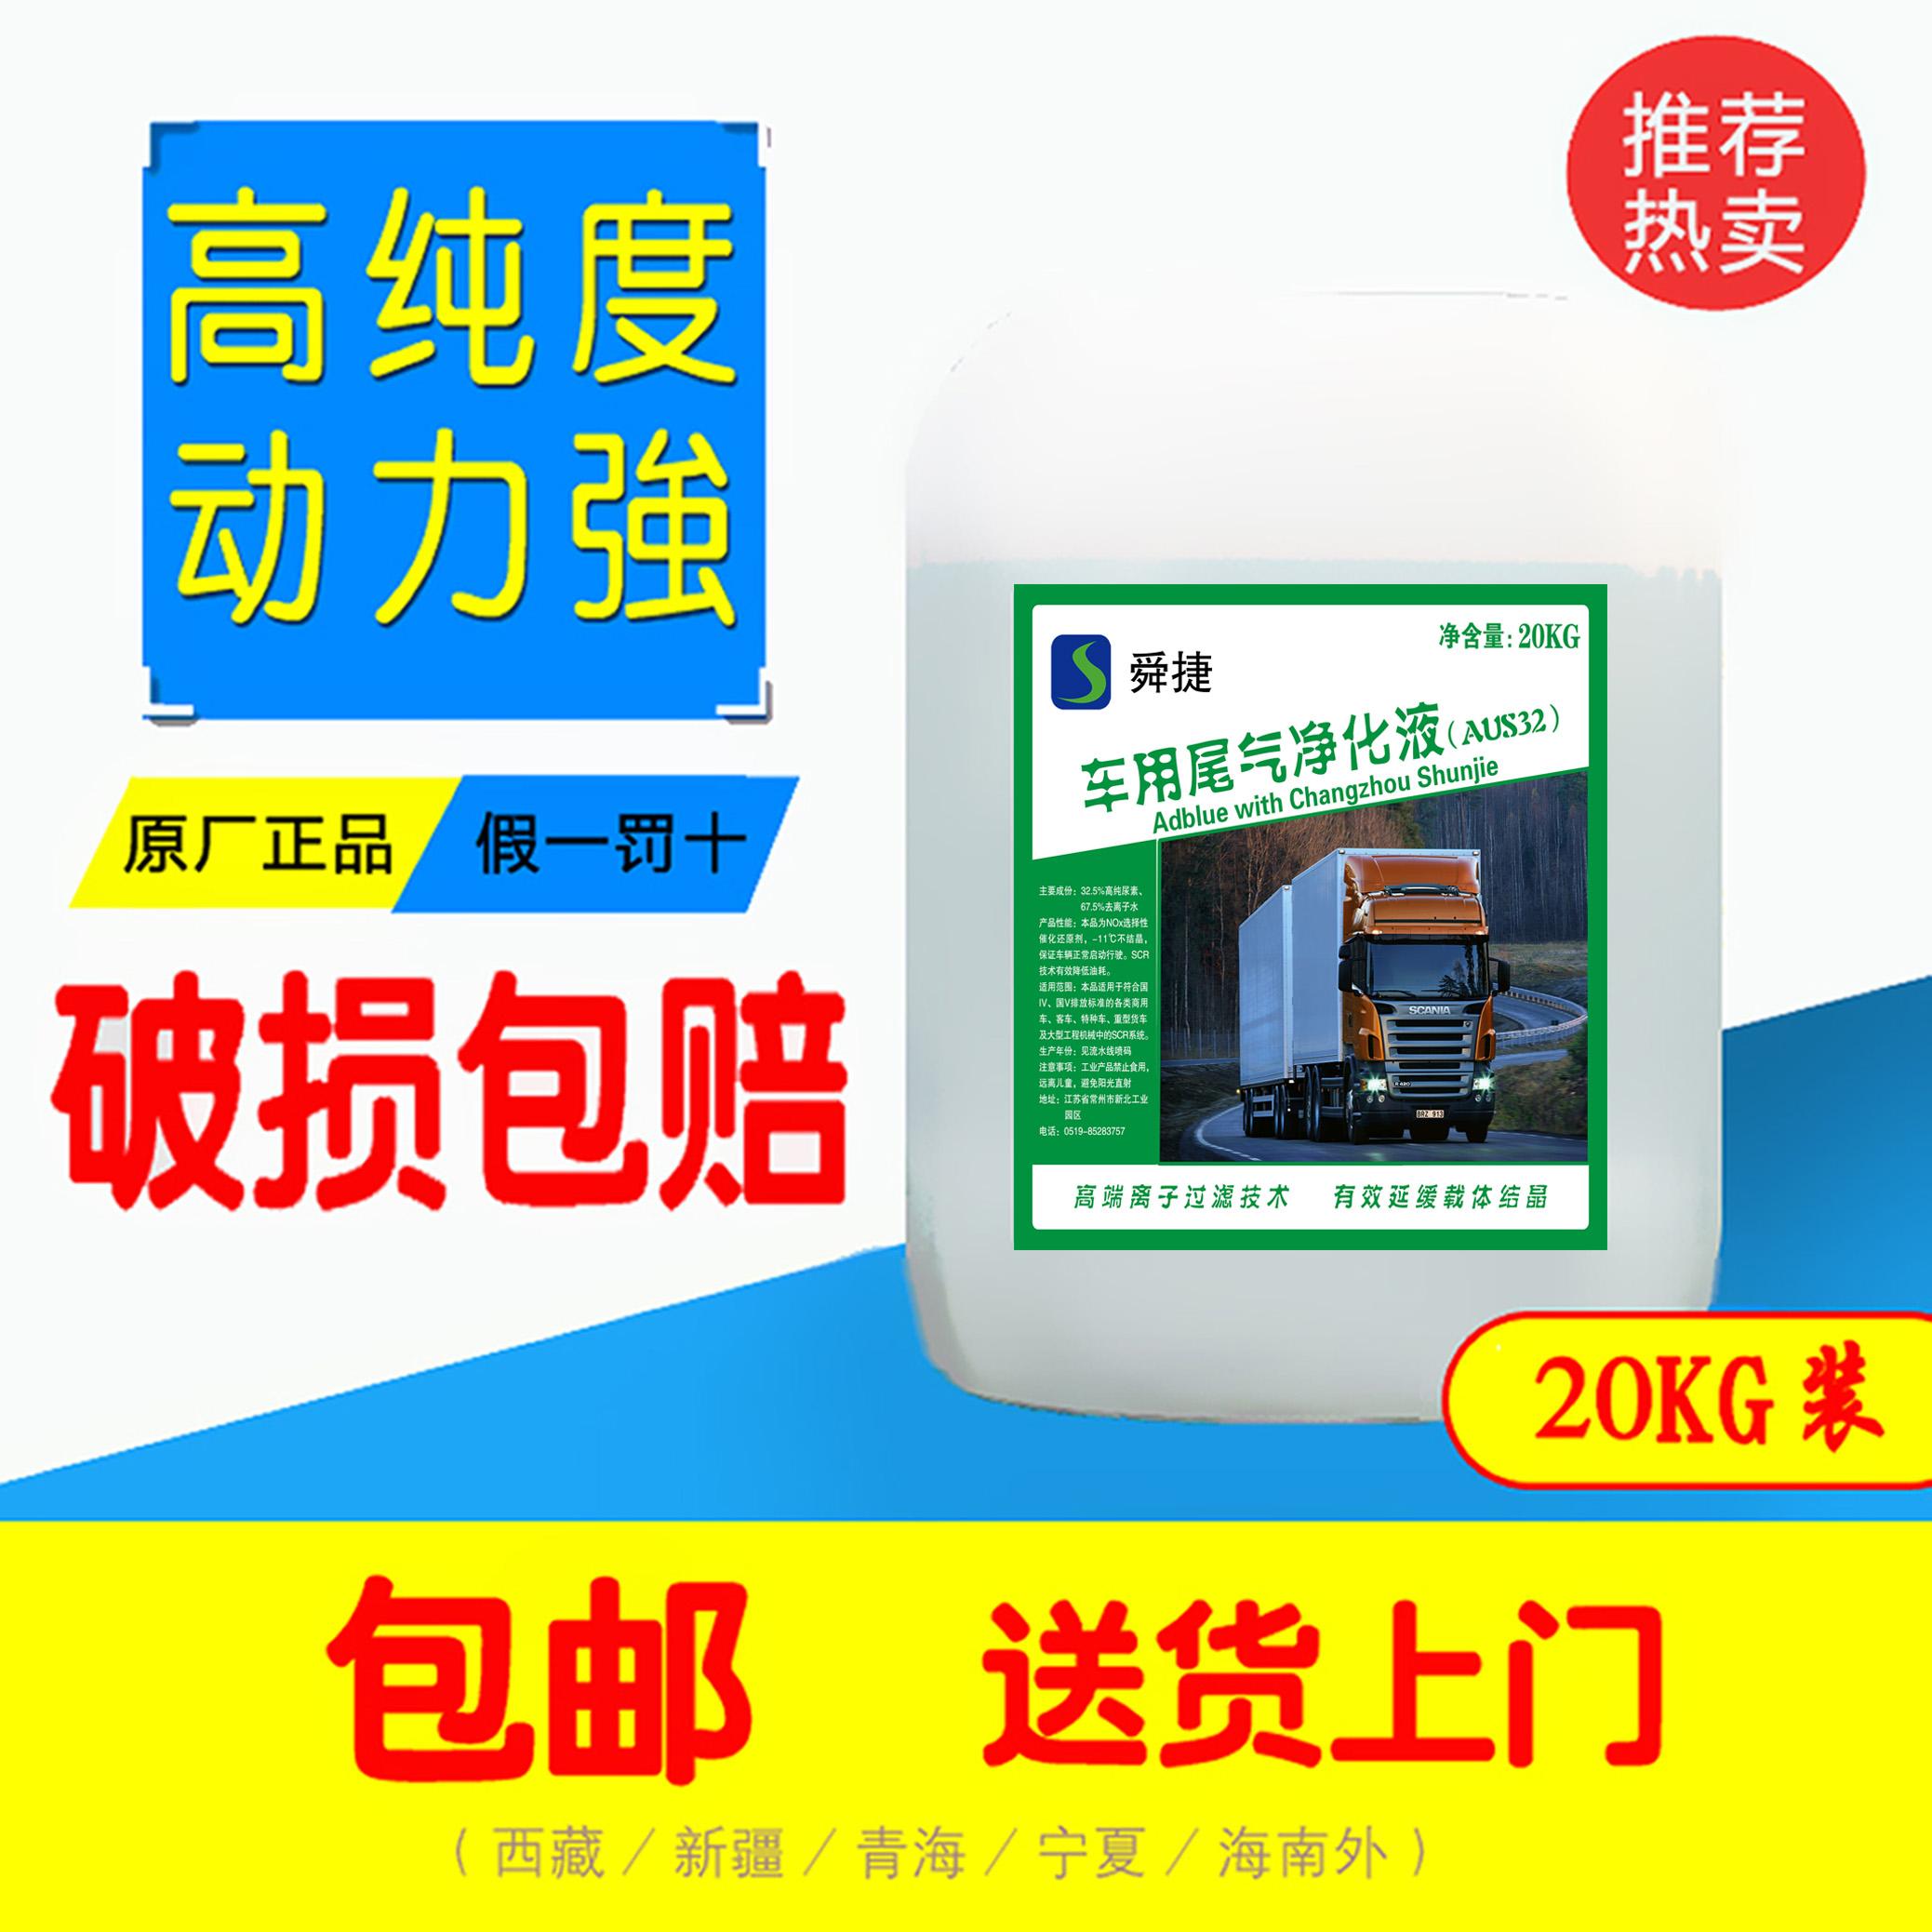 舜 Jie car urea solution diesel автомобиль страна 5 страна 6 van хвост Жидкость для обработки газа 20 кг мочевины бесплатная доставка по китаю